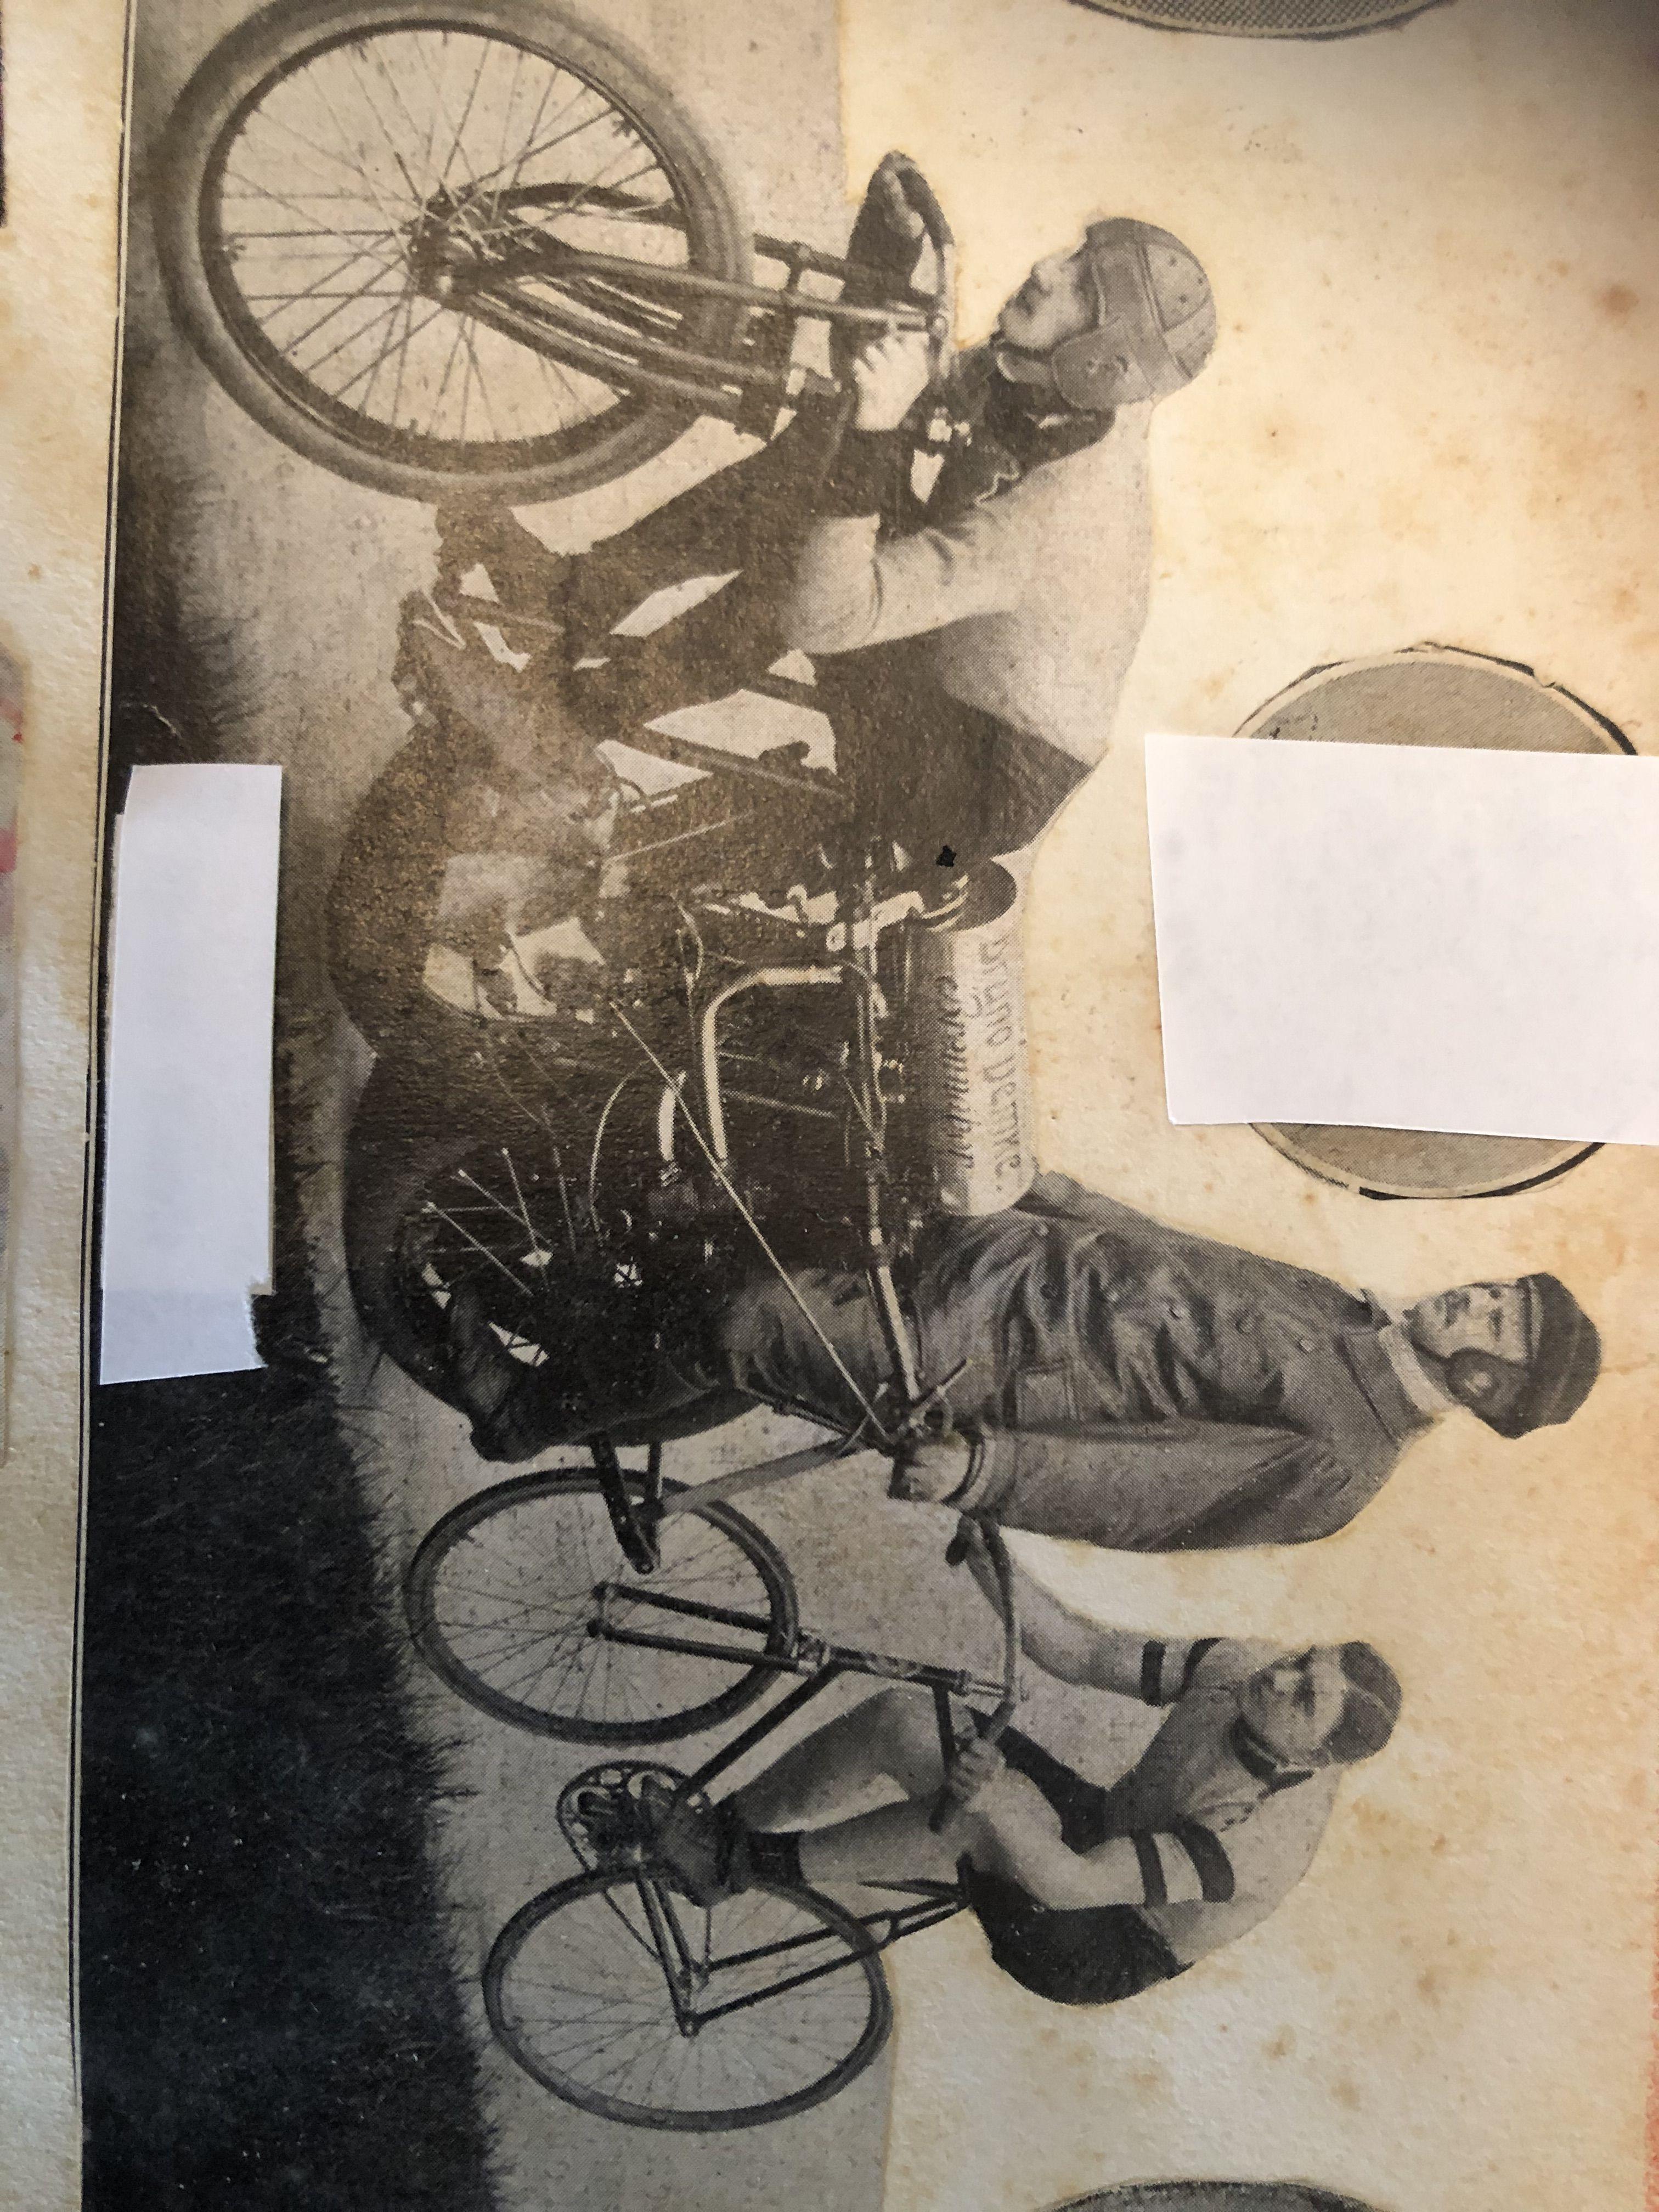 Chi è il ciclista nella foto? Un pettorale della Monsterrato per il primo che lo scopre